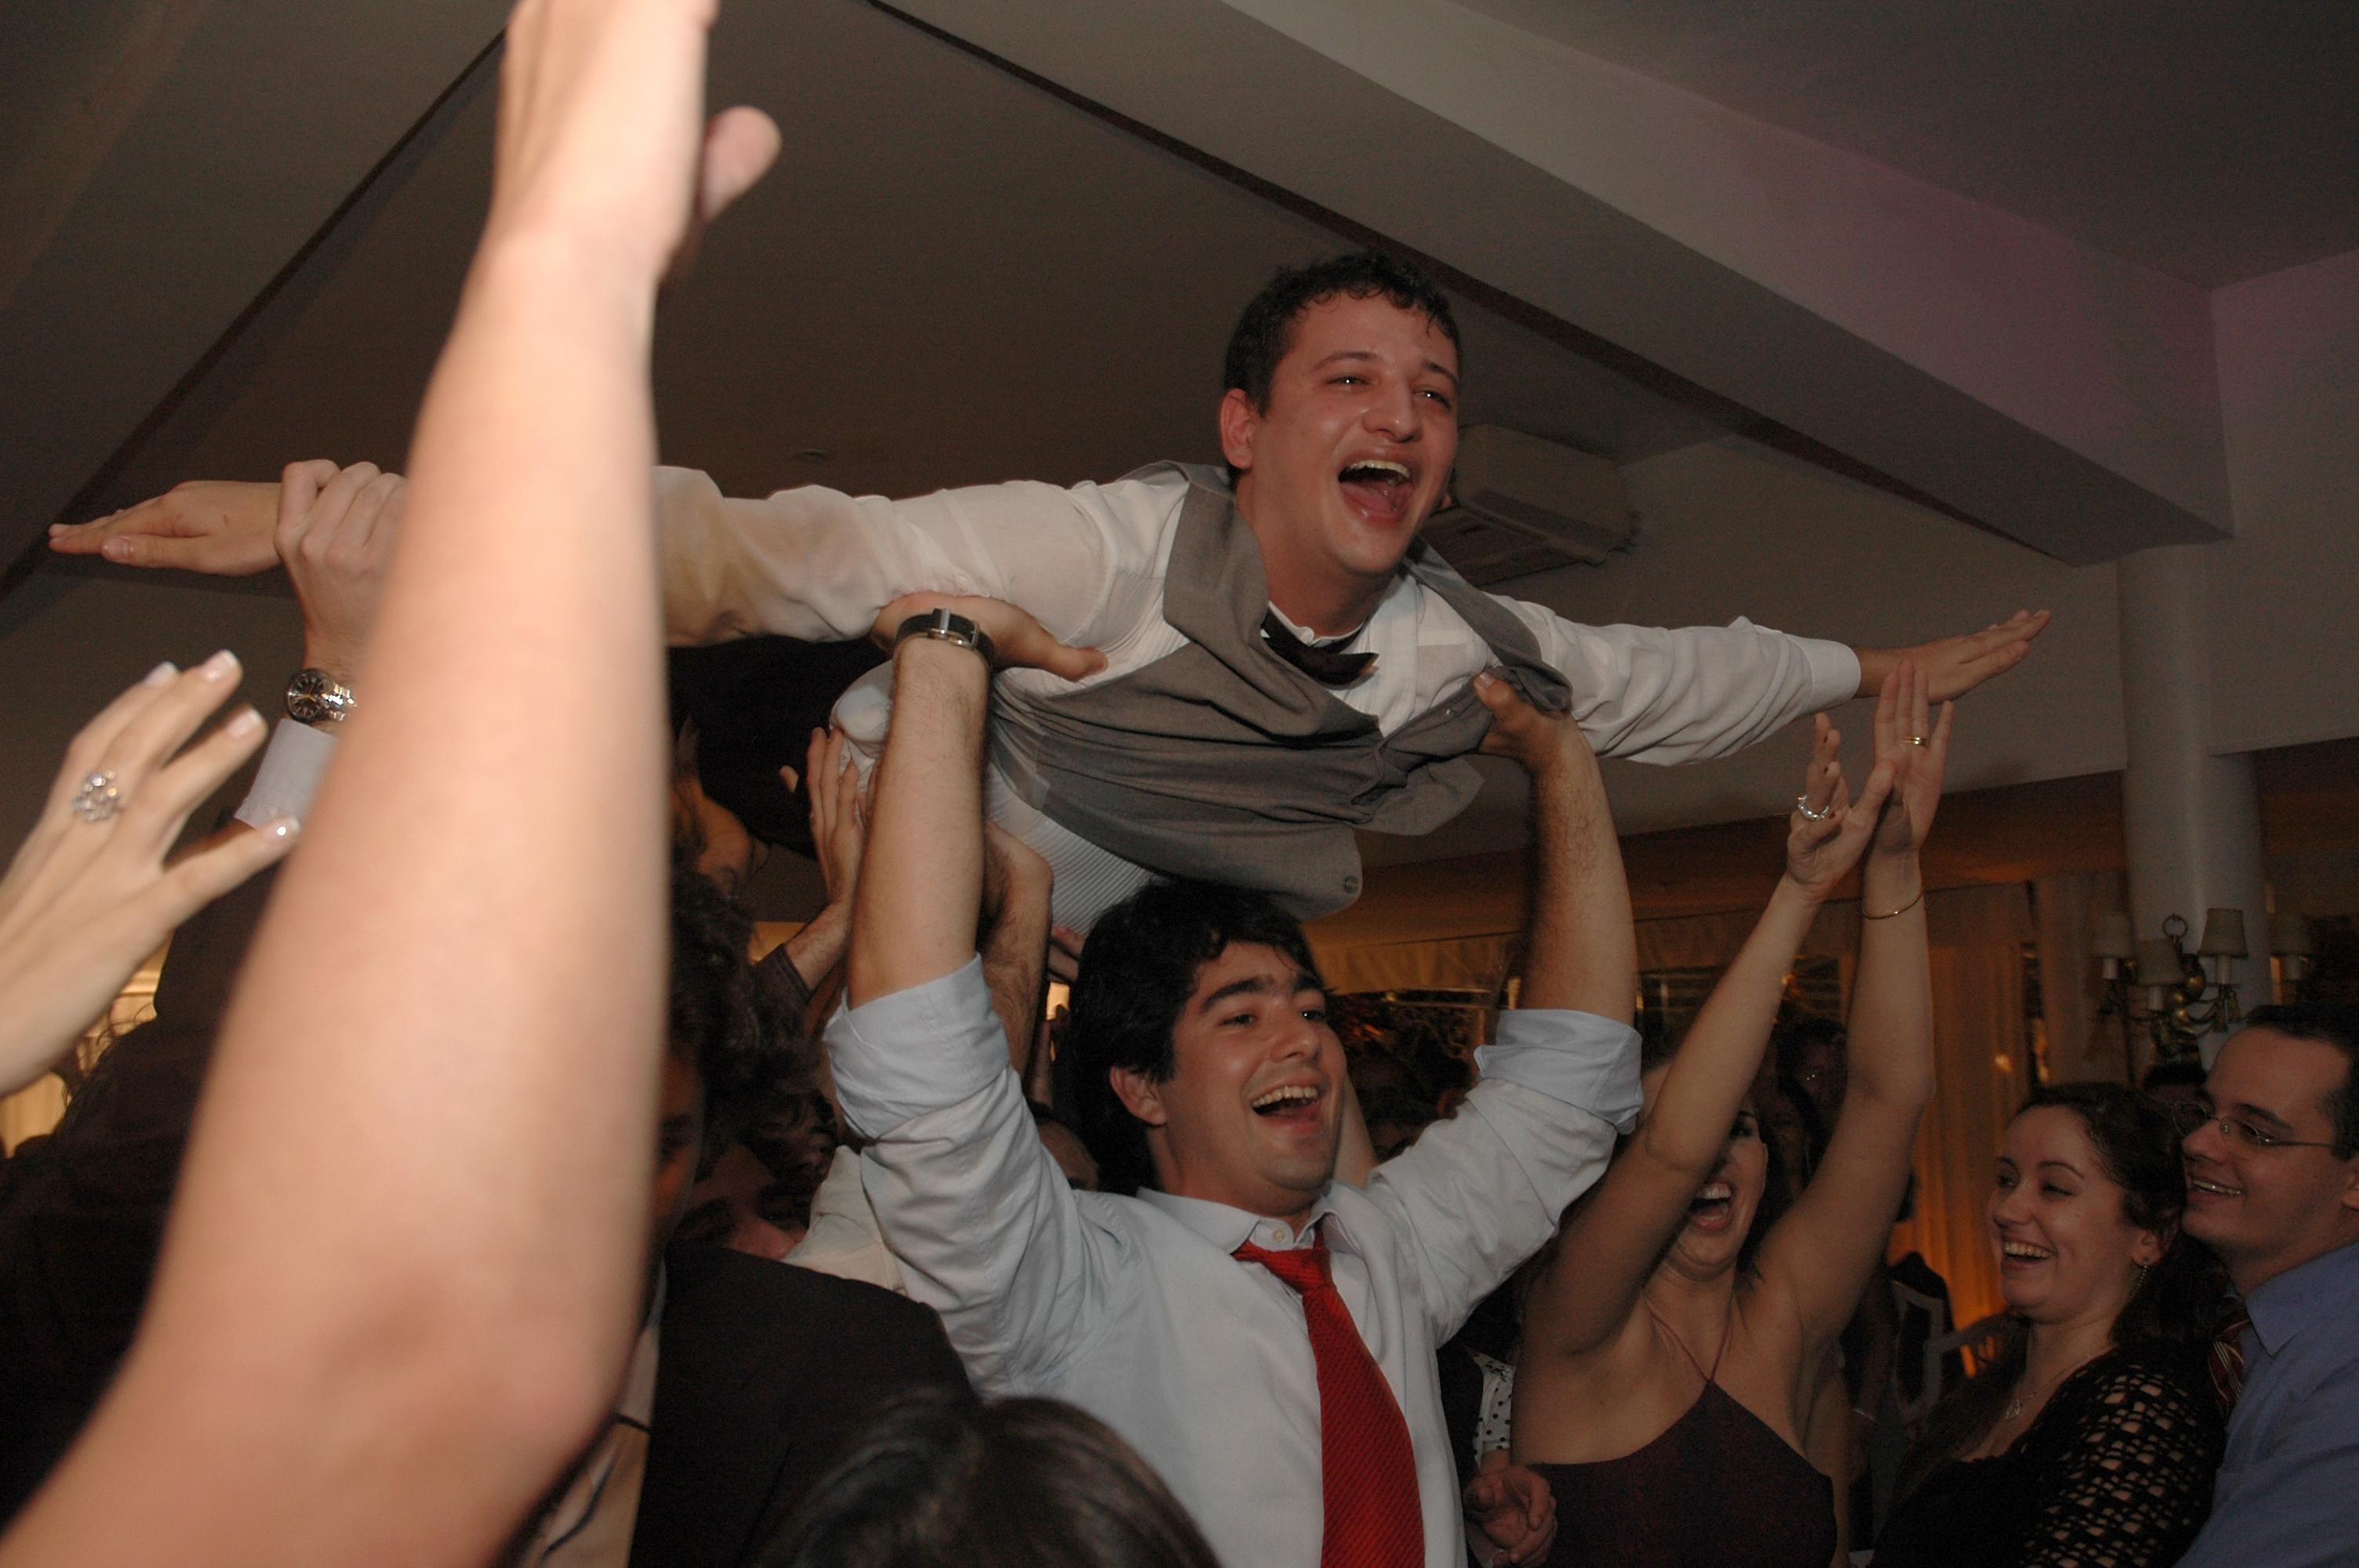 Casamento Bruno e Cecília 30/09/2006 - João Henrique Conduzindo o Voa-Voa com Bruno Juliani